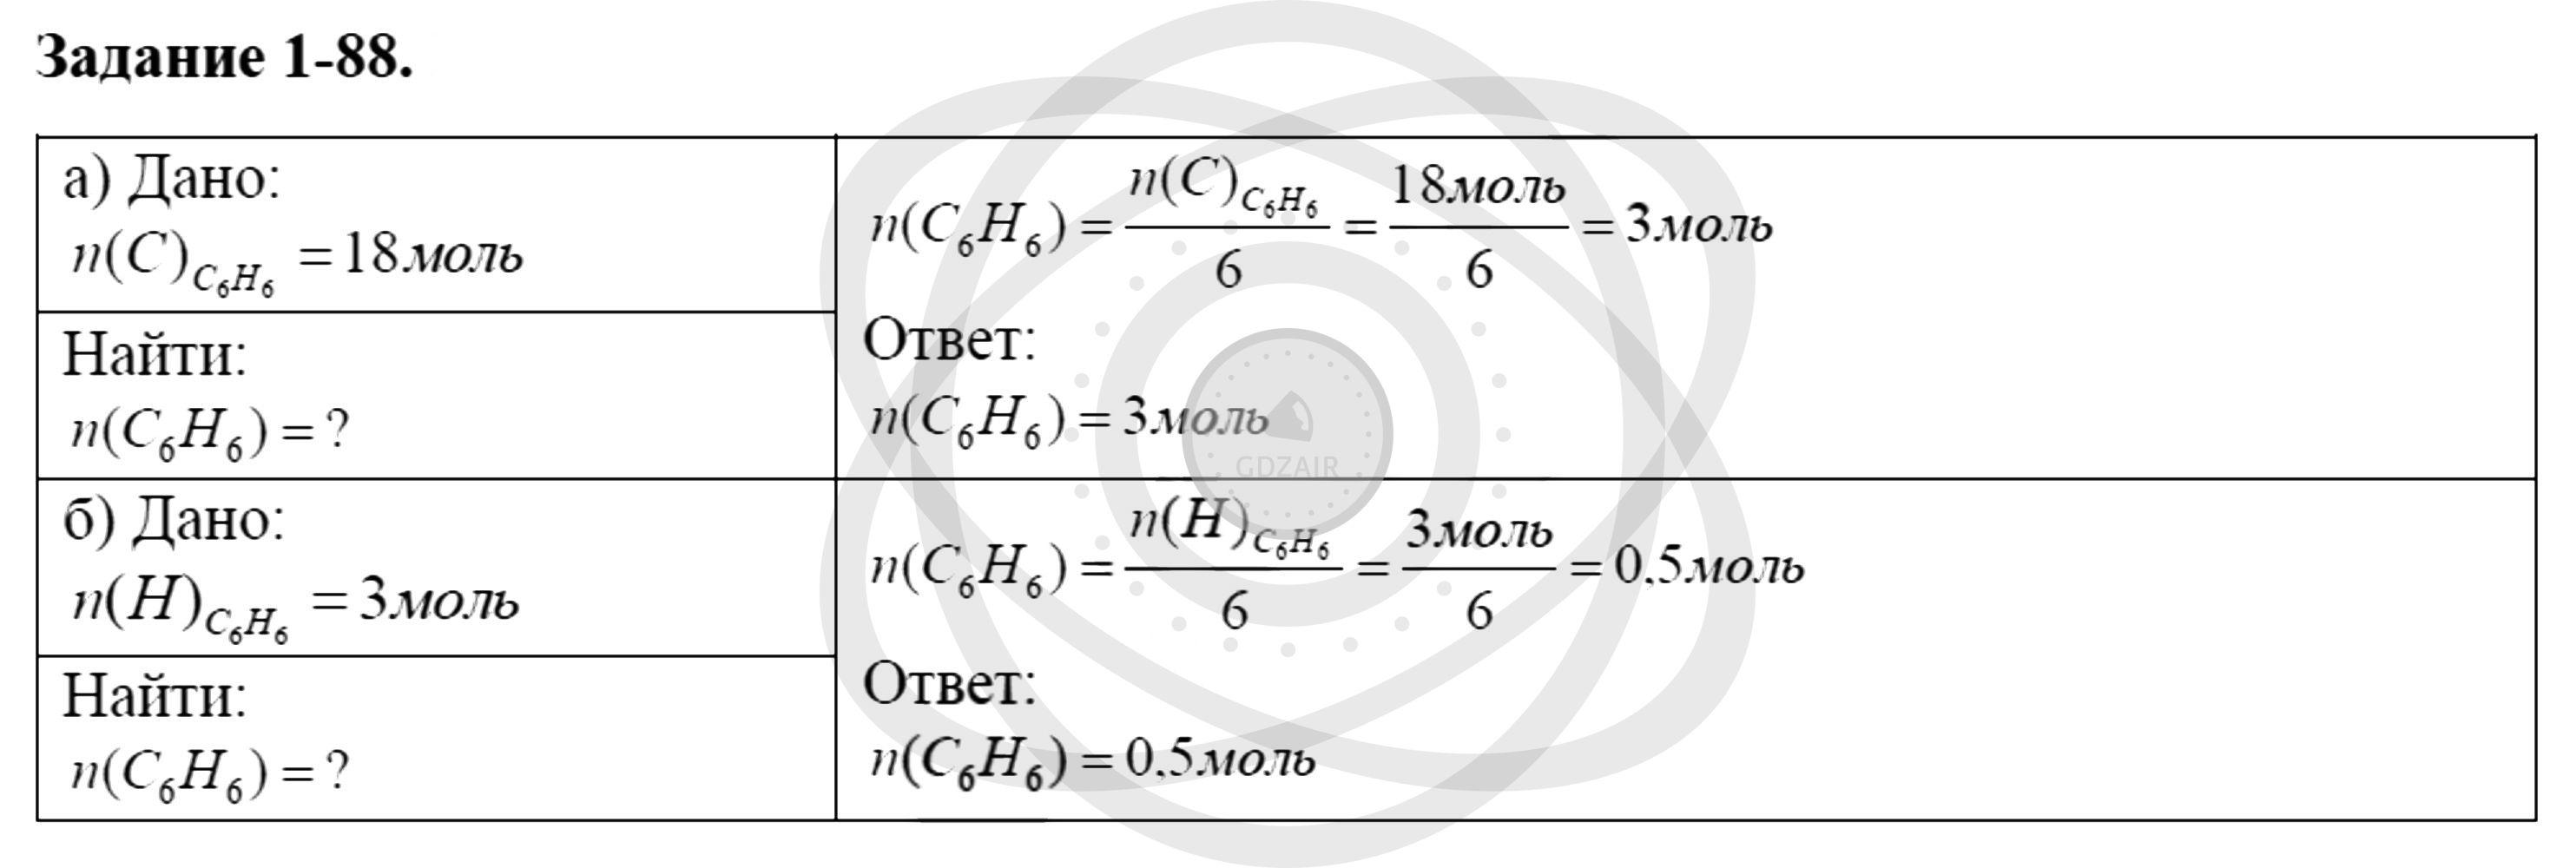 Химия 8 класс Кузнецова Н. Е. Глава 1. Первоначальные химические понятия / Задания: 88